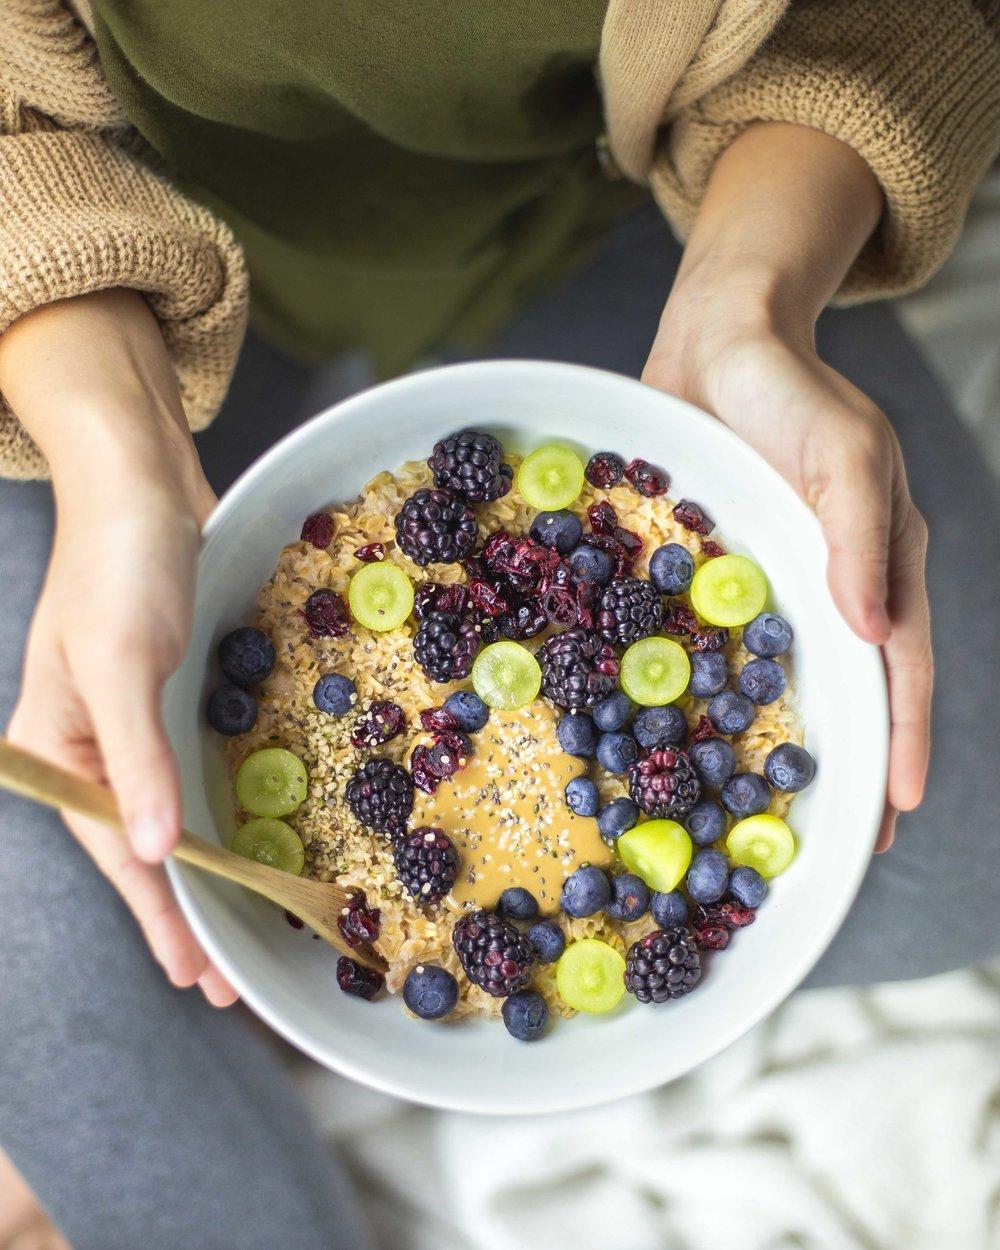 oatmeal_blueberry_blackberry_grapes.jpg